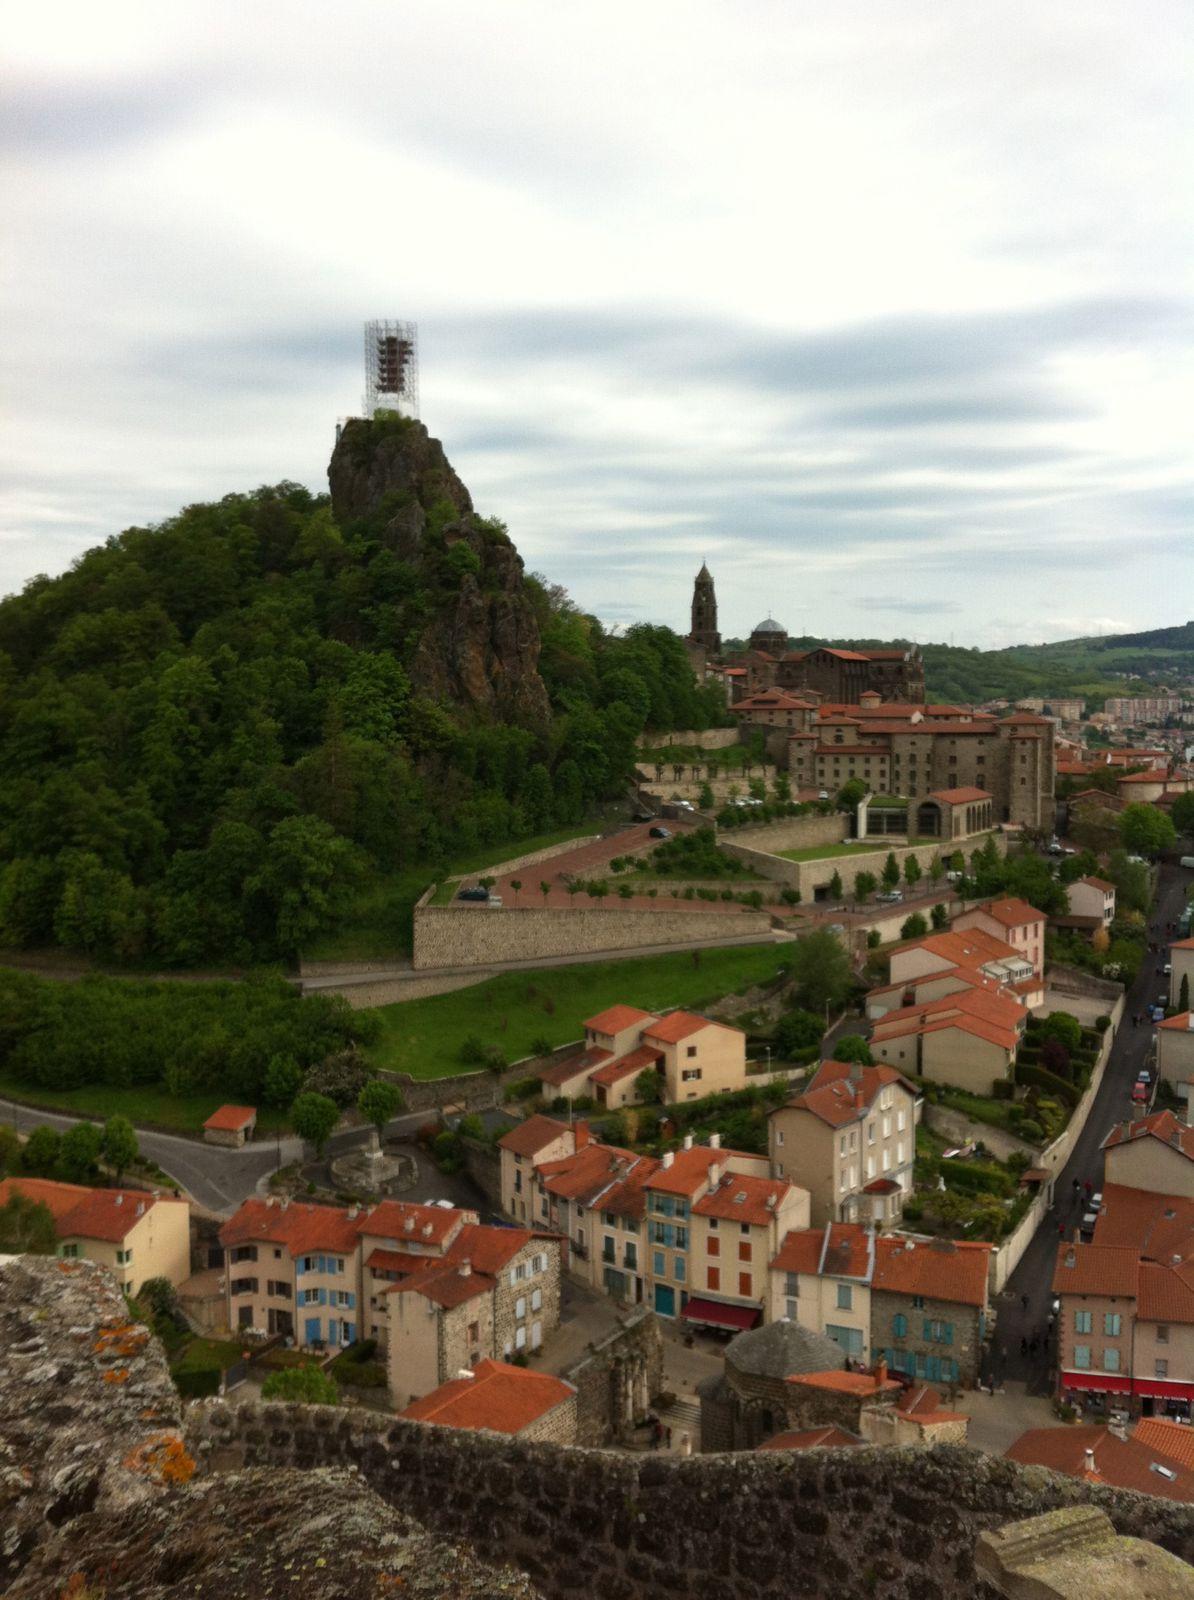 Le Puy-en-Velay depuis le rocher de Saint-Michel d'Aiguihle